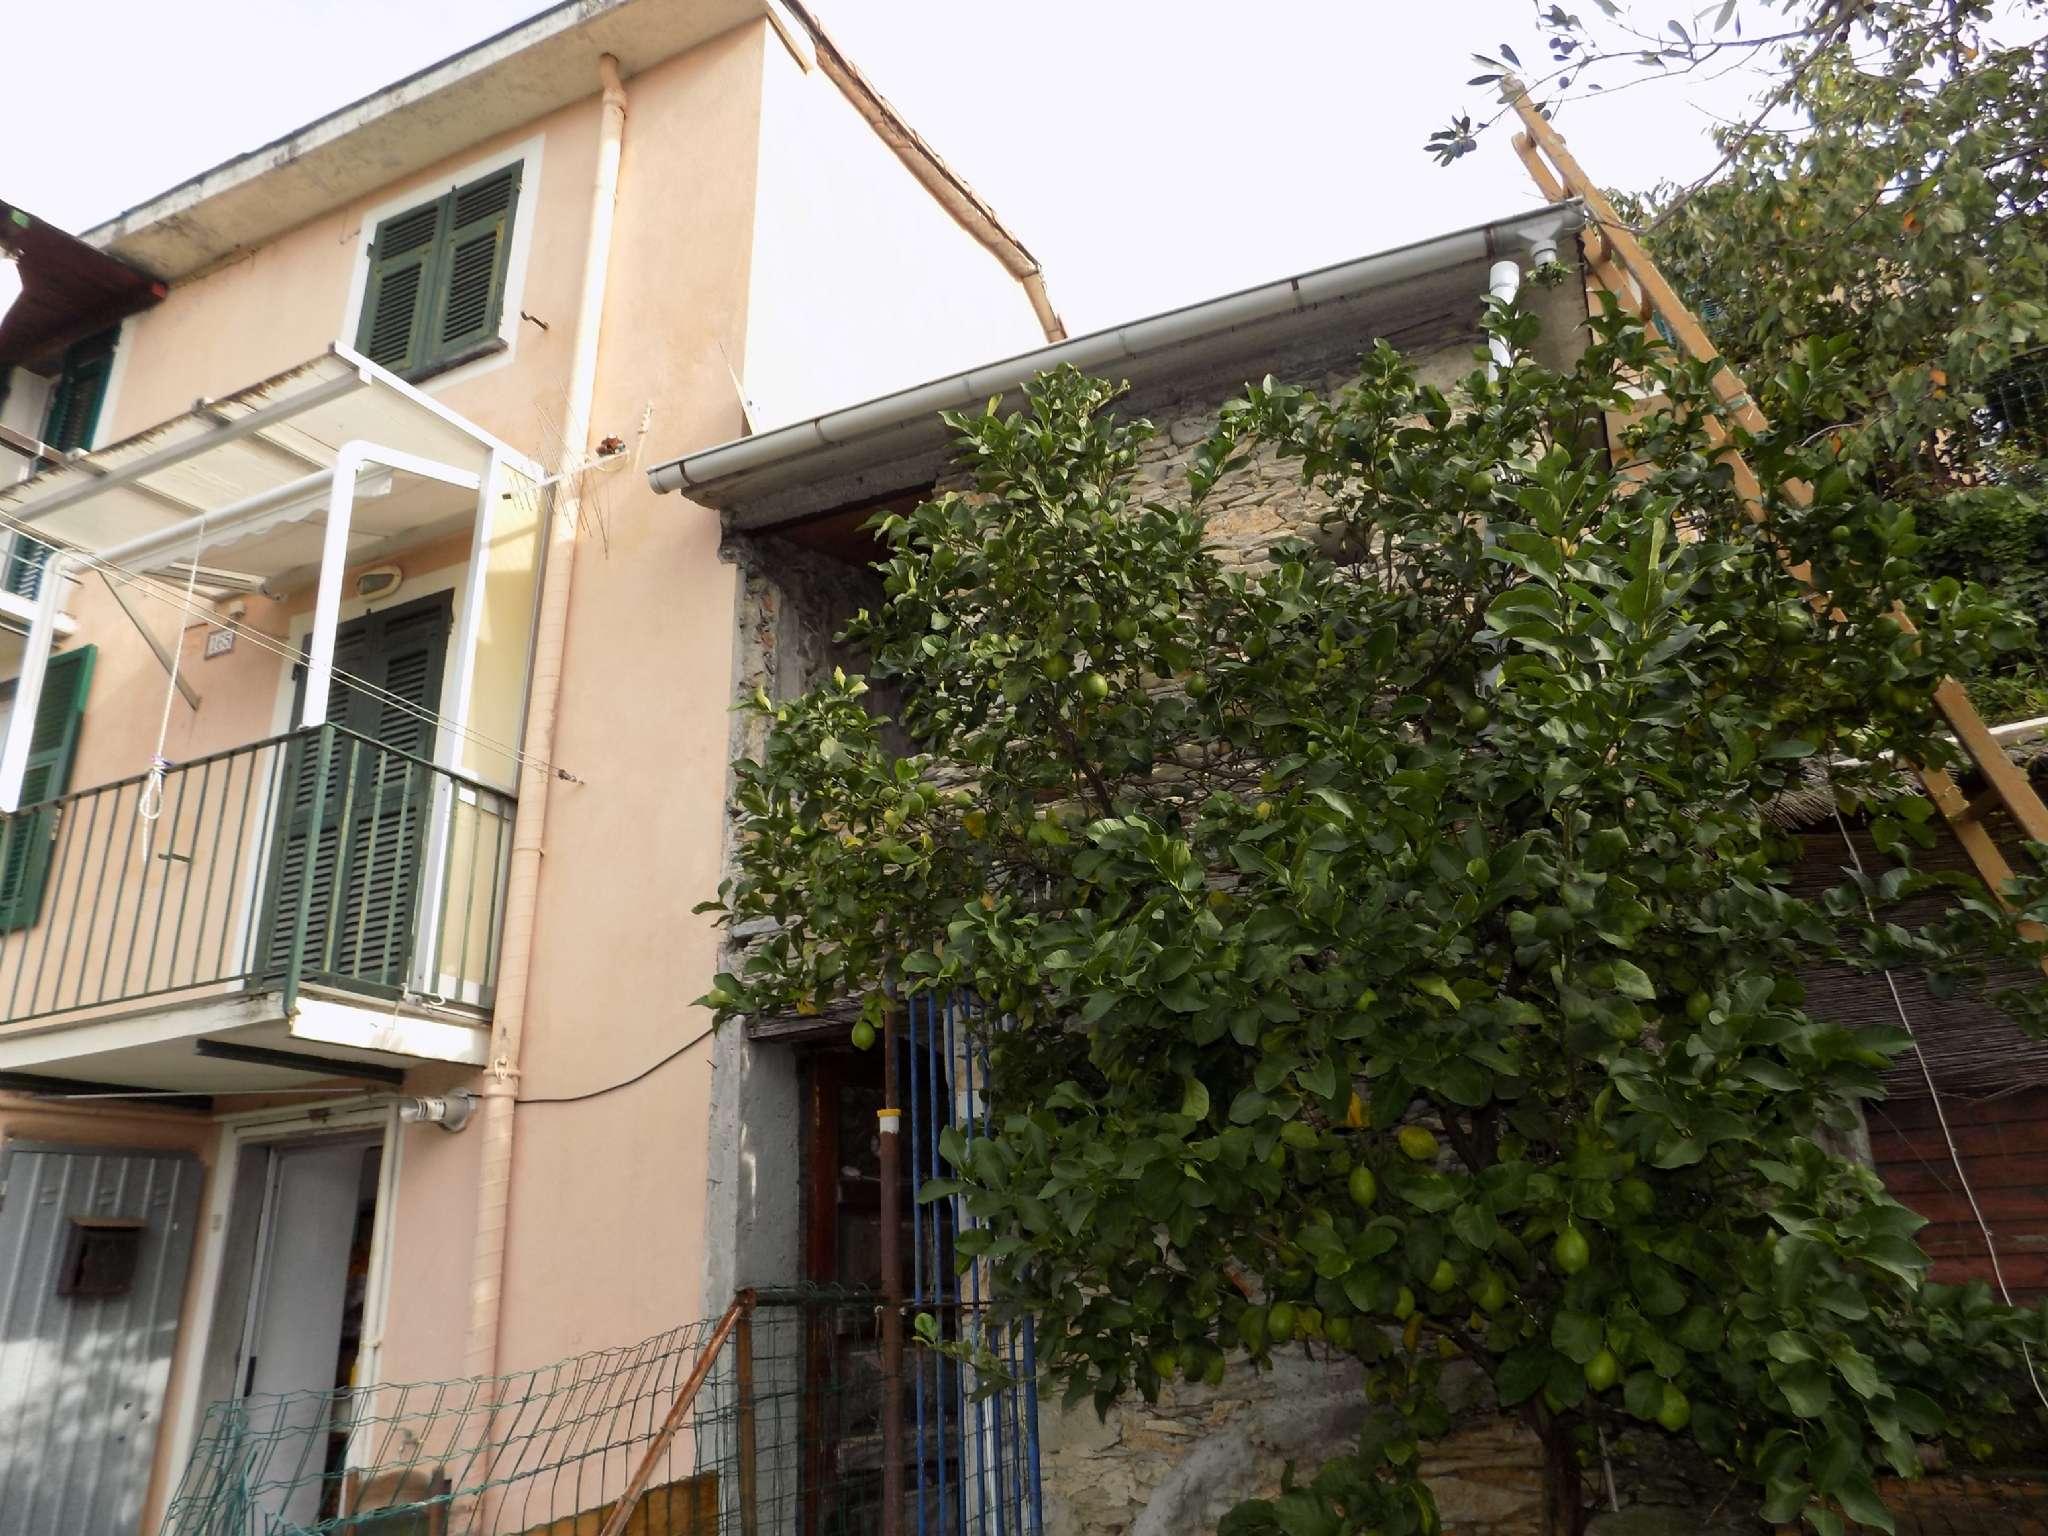 Appartamento in vendita a Bogliasco, 3 locali, prezzo € 98.000   CambioCasa.it